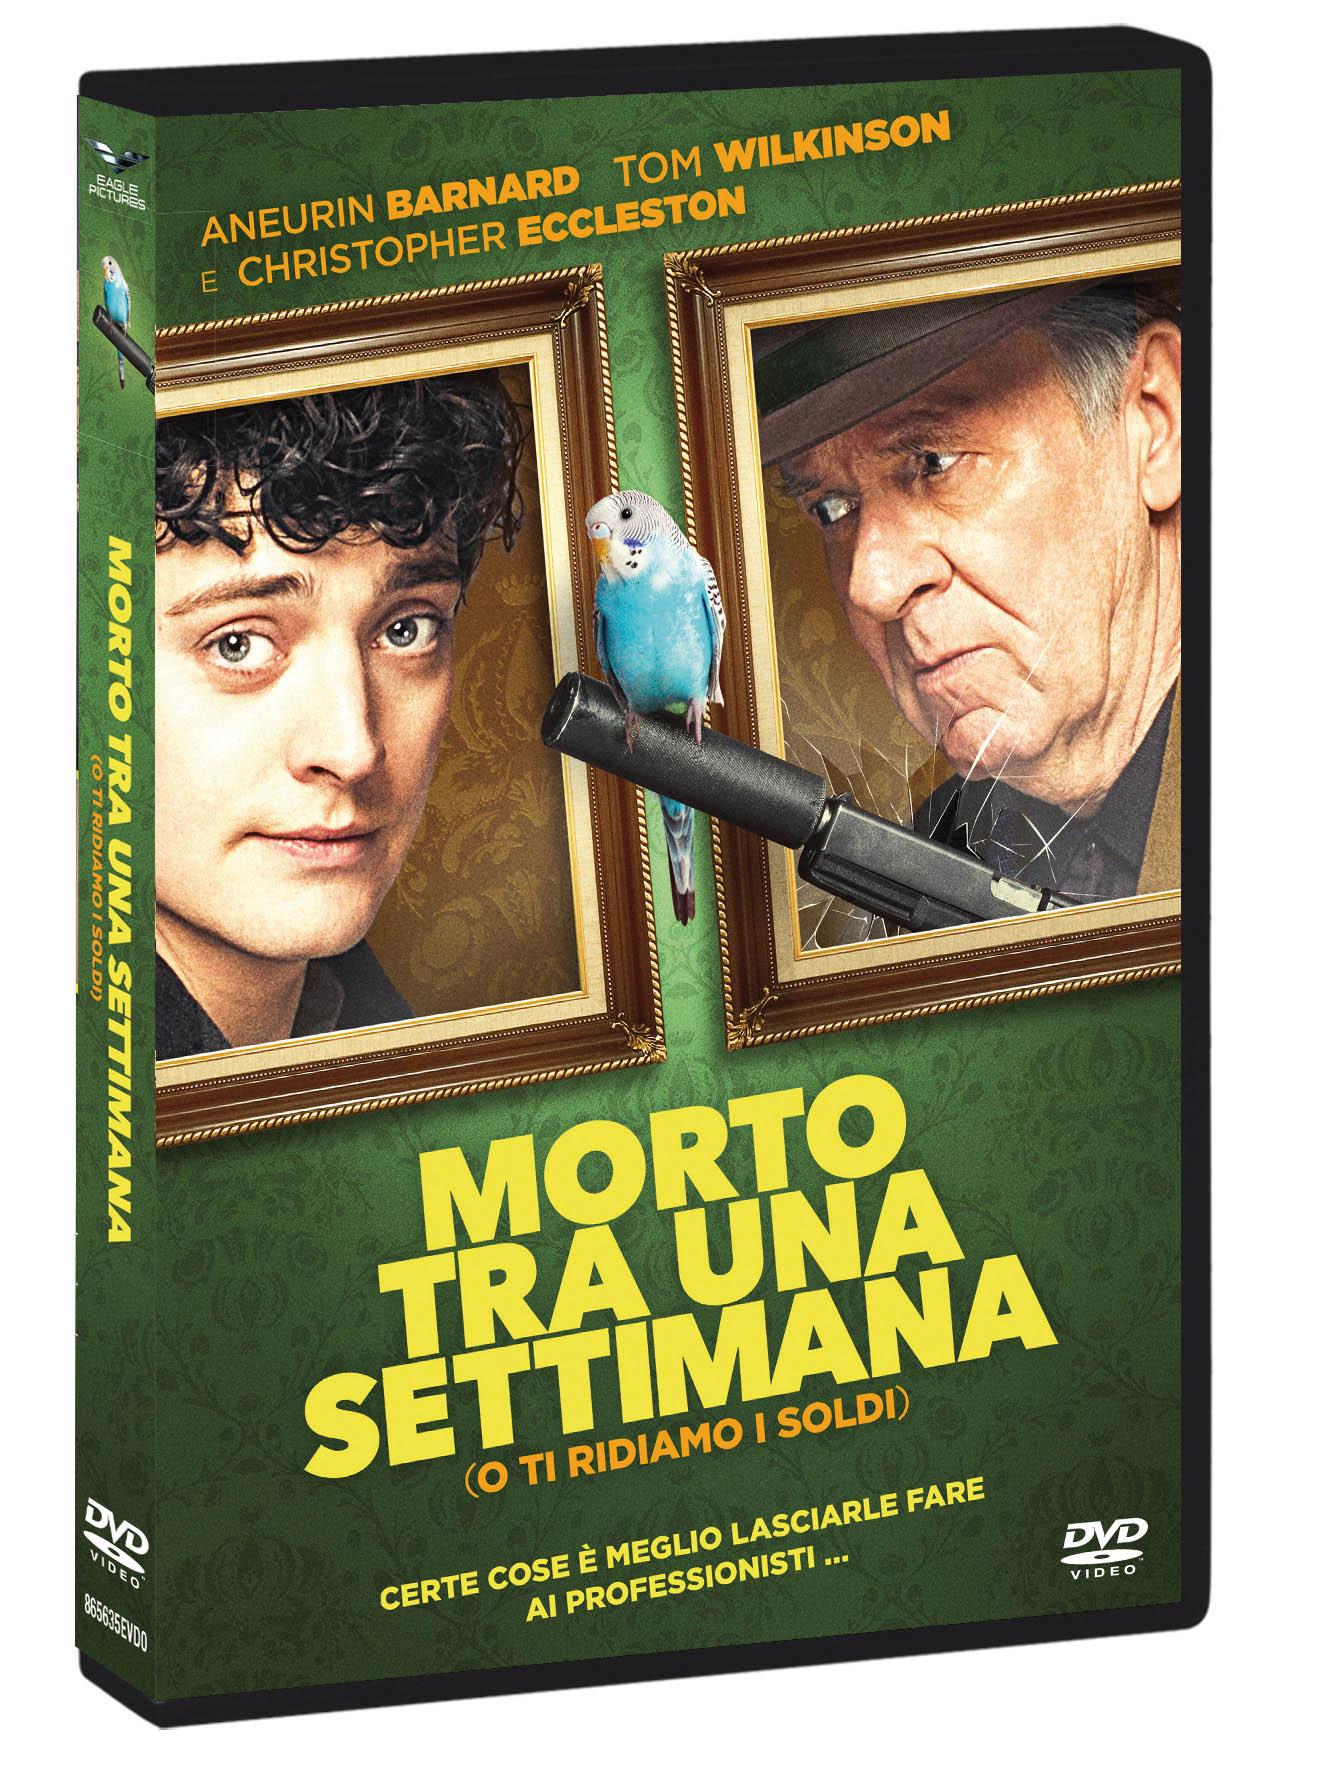 MORTO TRA UNA SETTIMANA...O TI RIDIAMO I SOLDI (DVD)